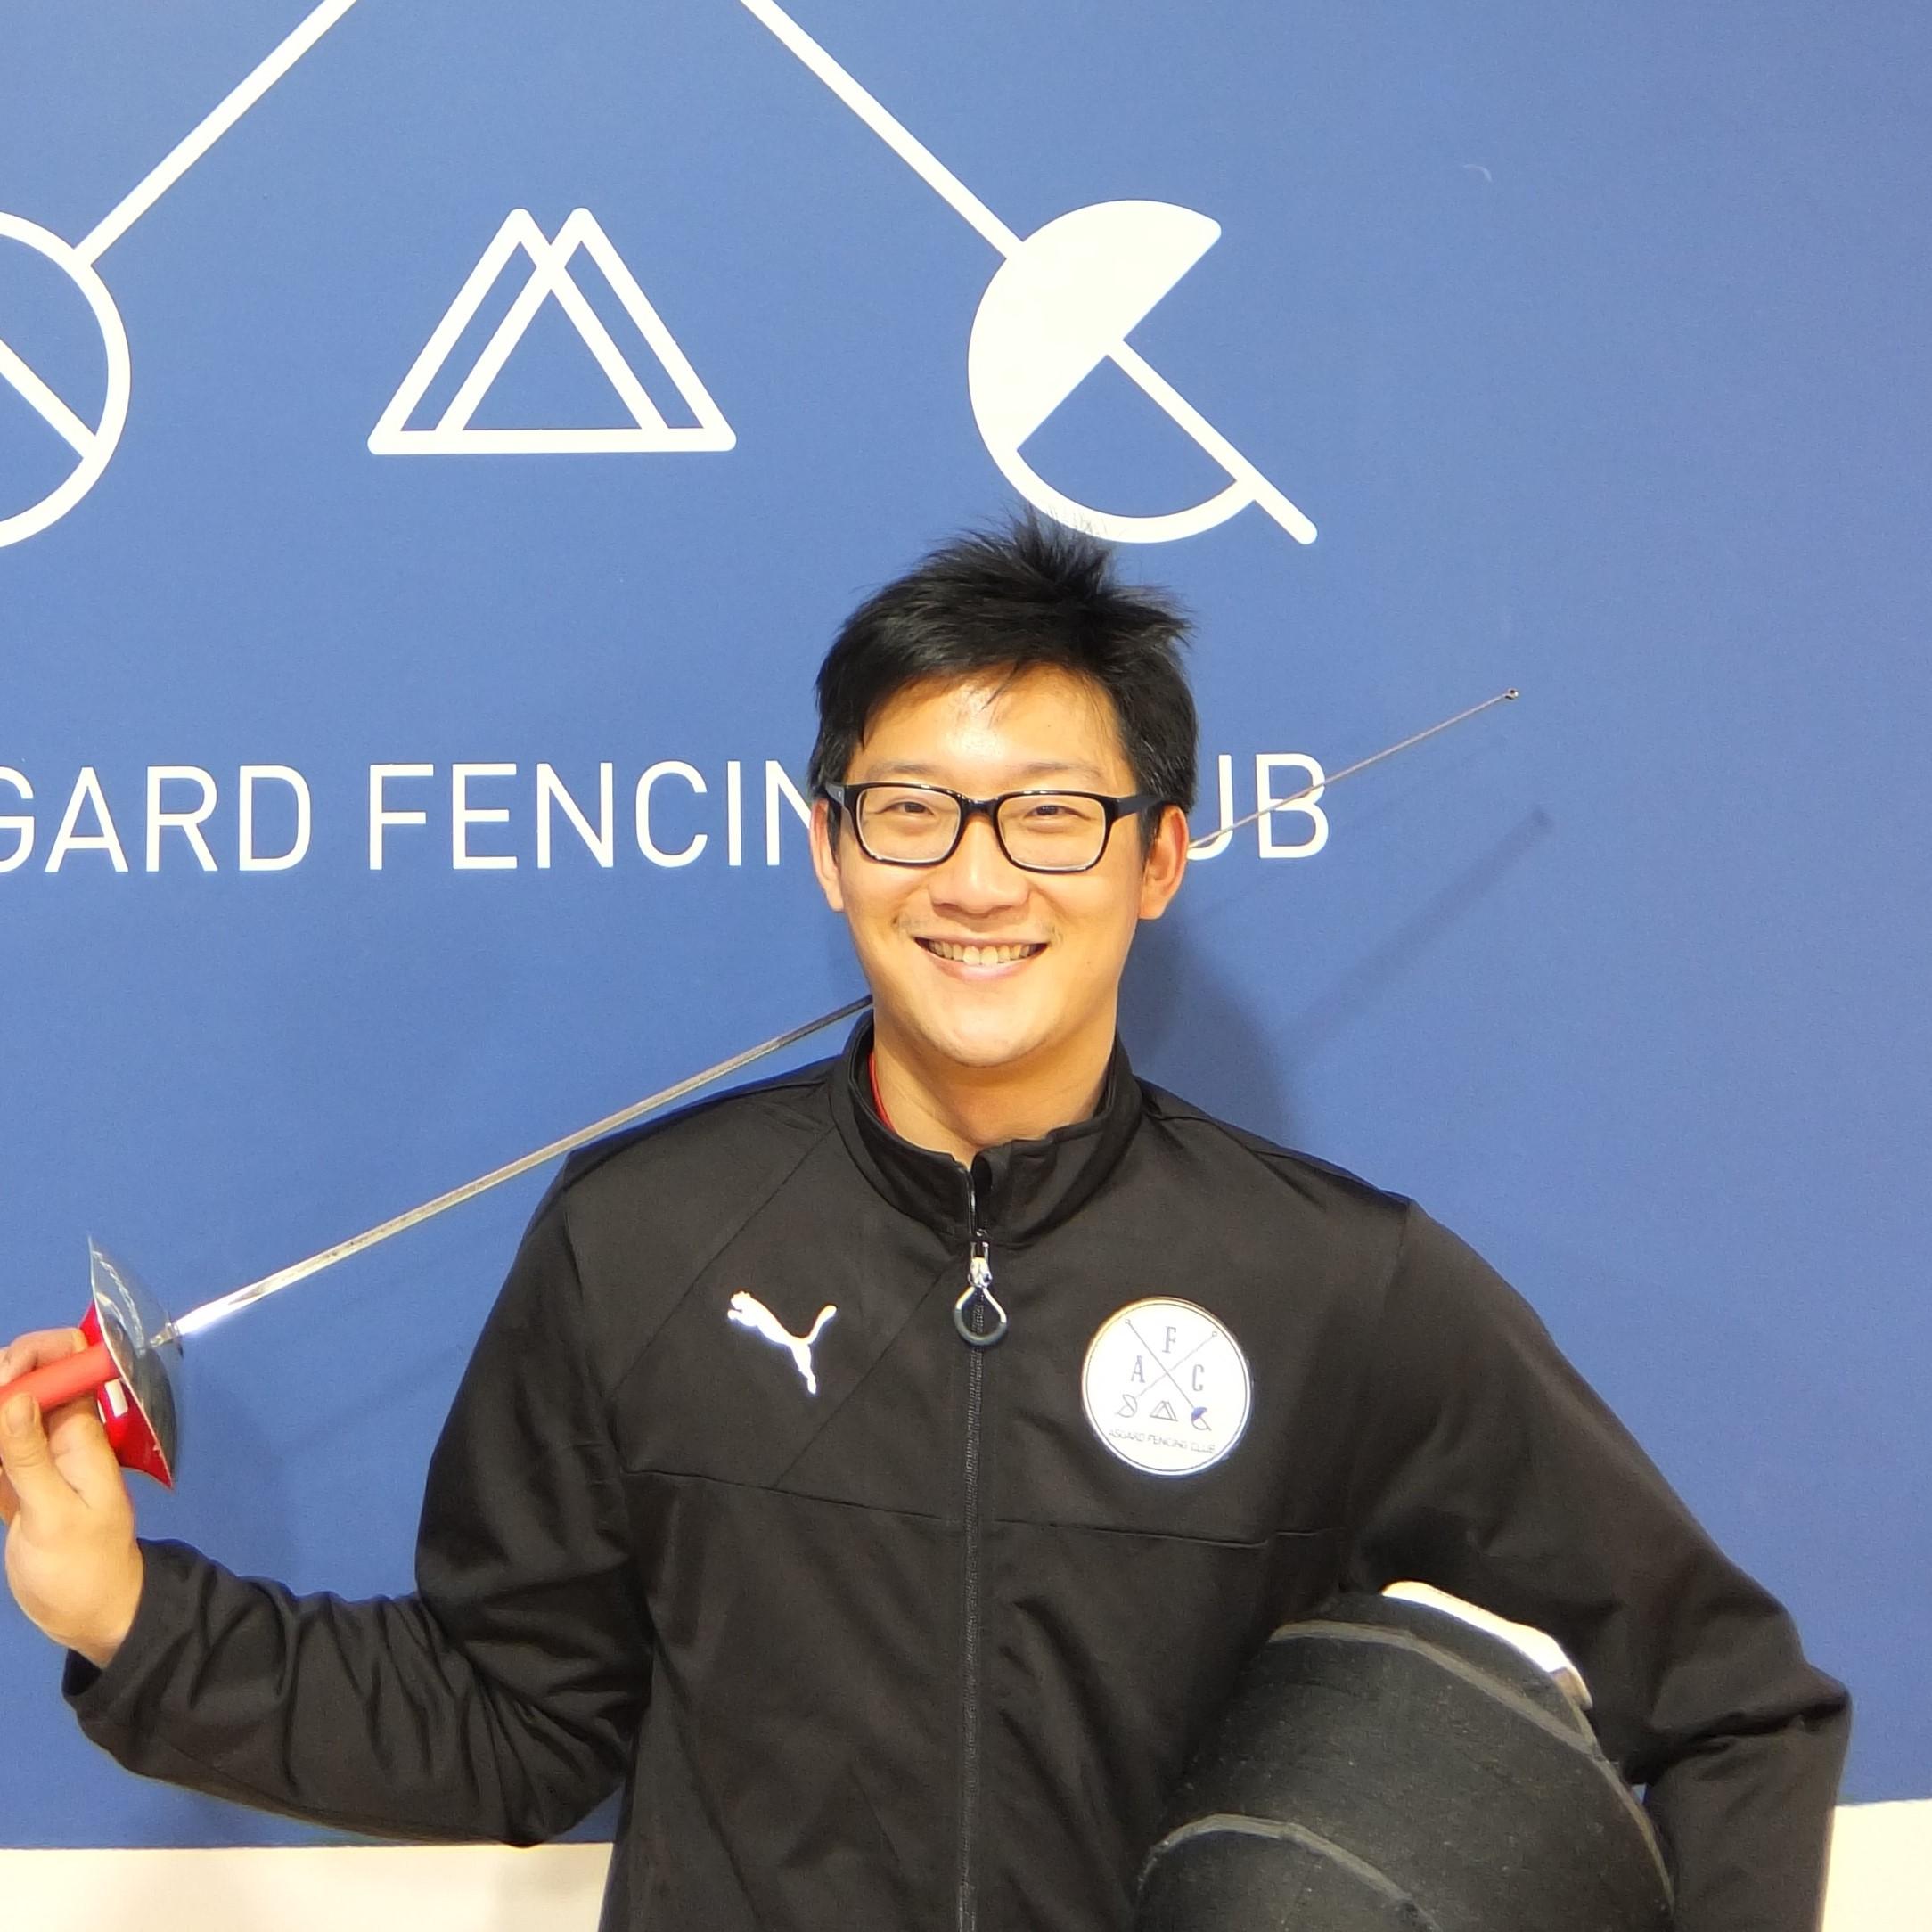 David Chan - Head Coach